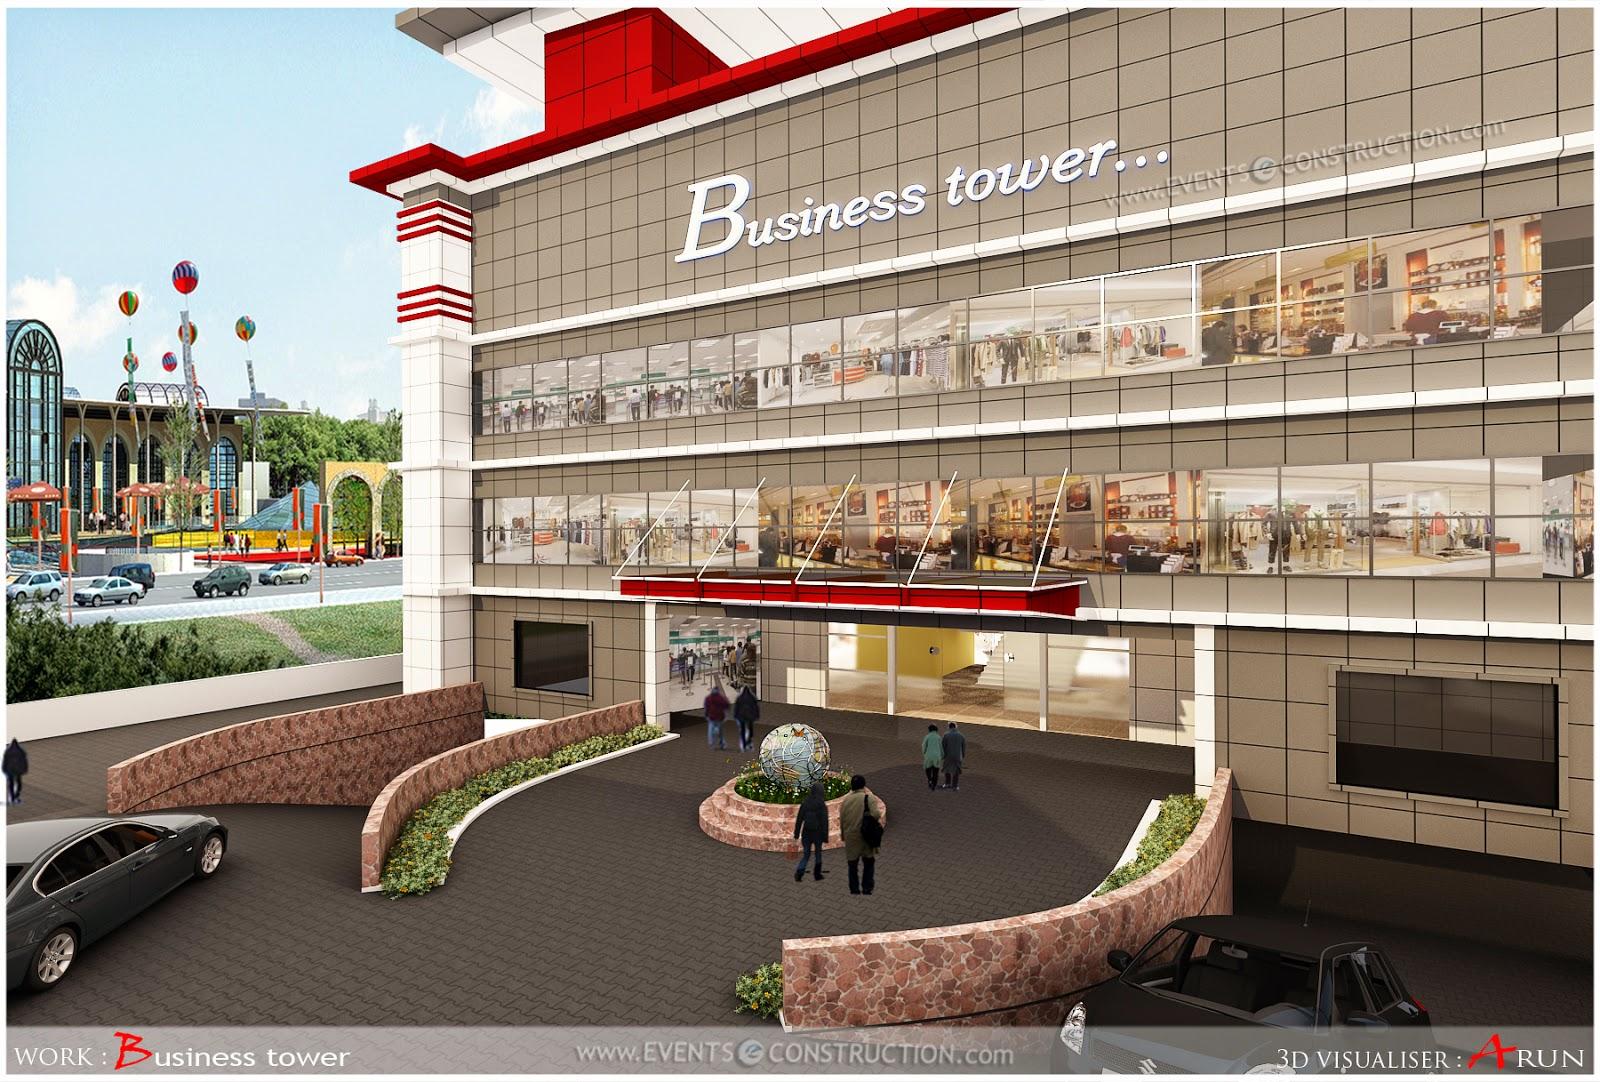 Evens Construction Pvt Ltd: Commercial building design